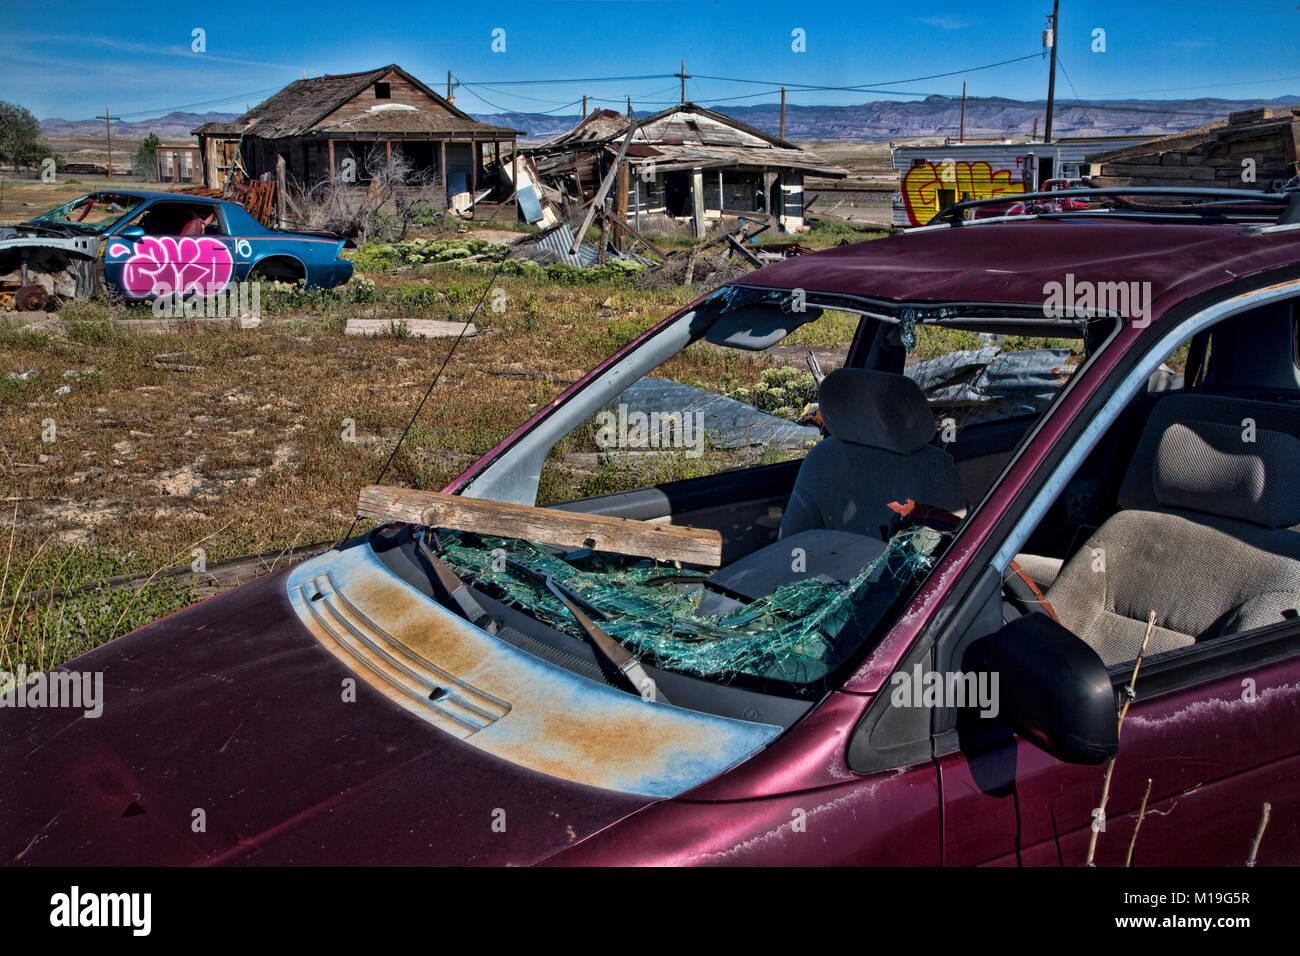 Wen2k Com Junk Yard Salvage Yard Auto Repair Garage: Junk Yard Car Stock Photos & Junk Yard Car Stock Images